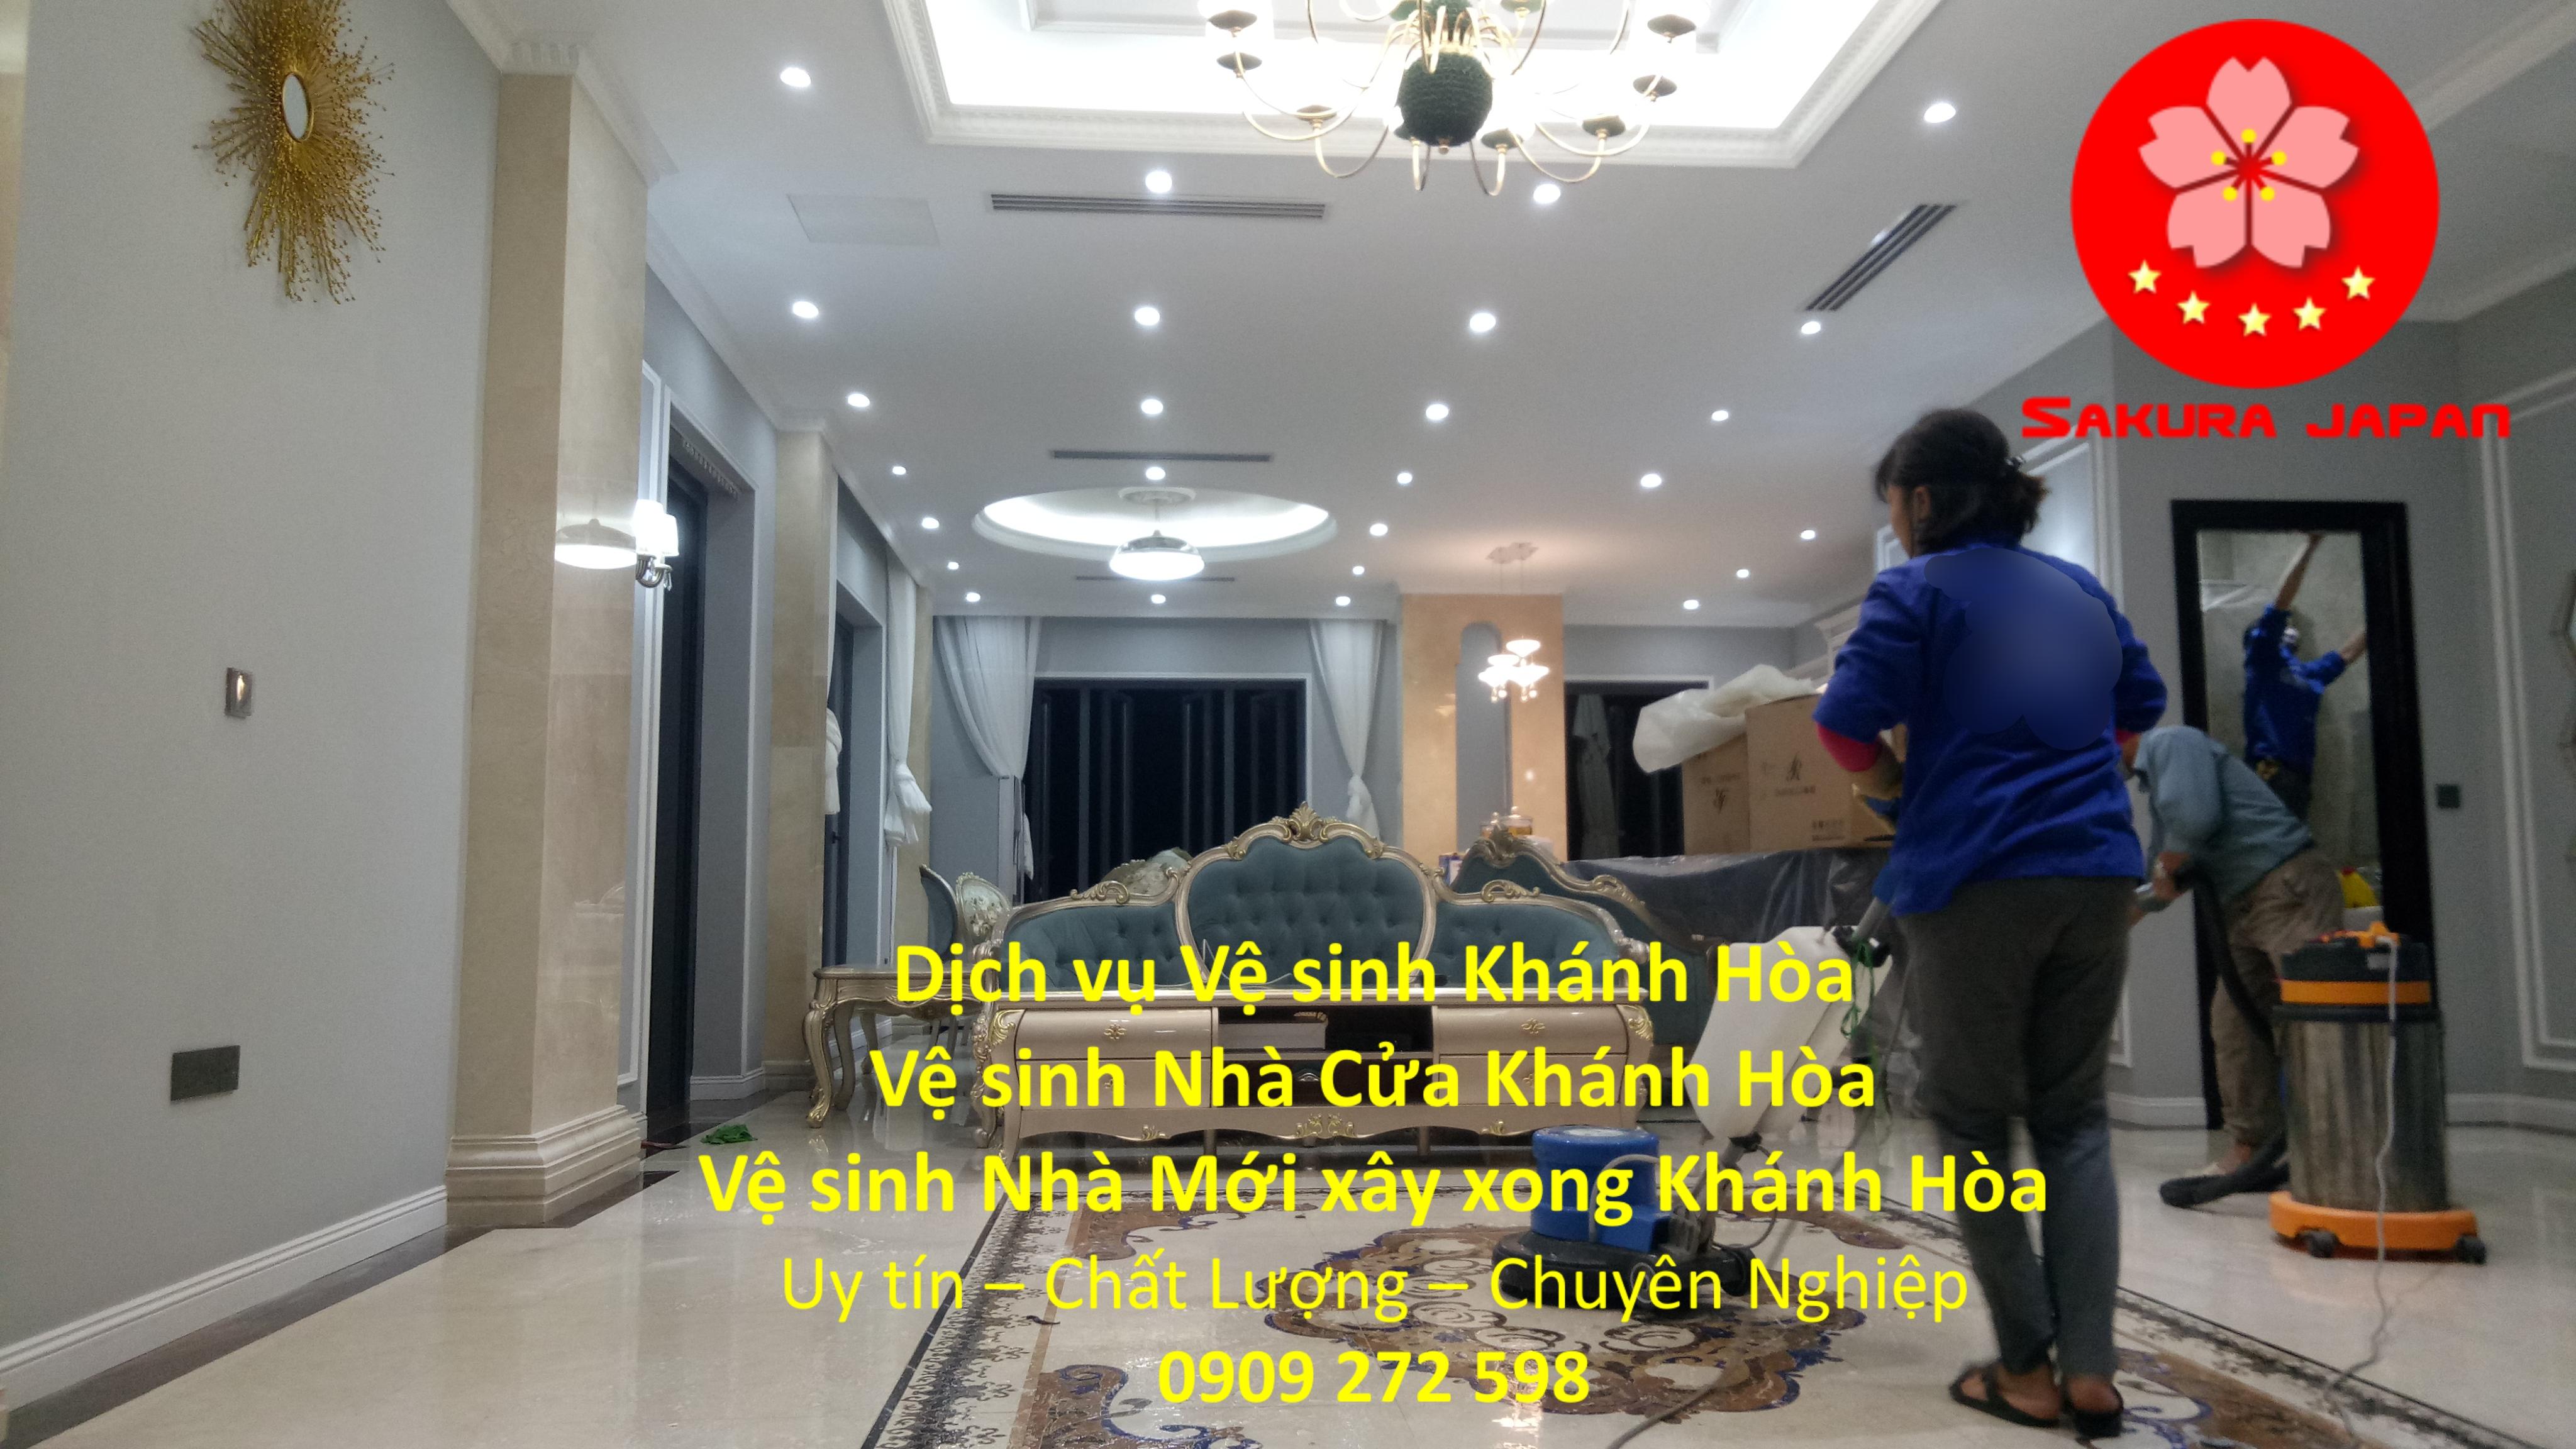 Vệ sinh Nhà trọn gói Khánh Hòa